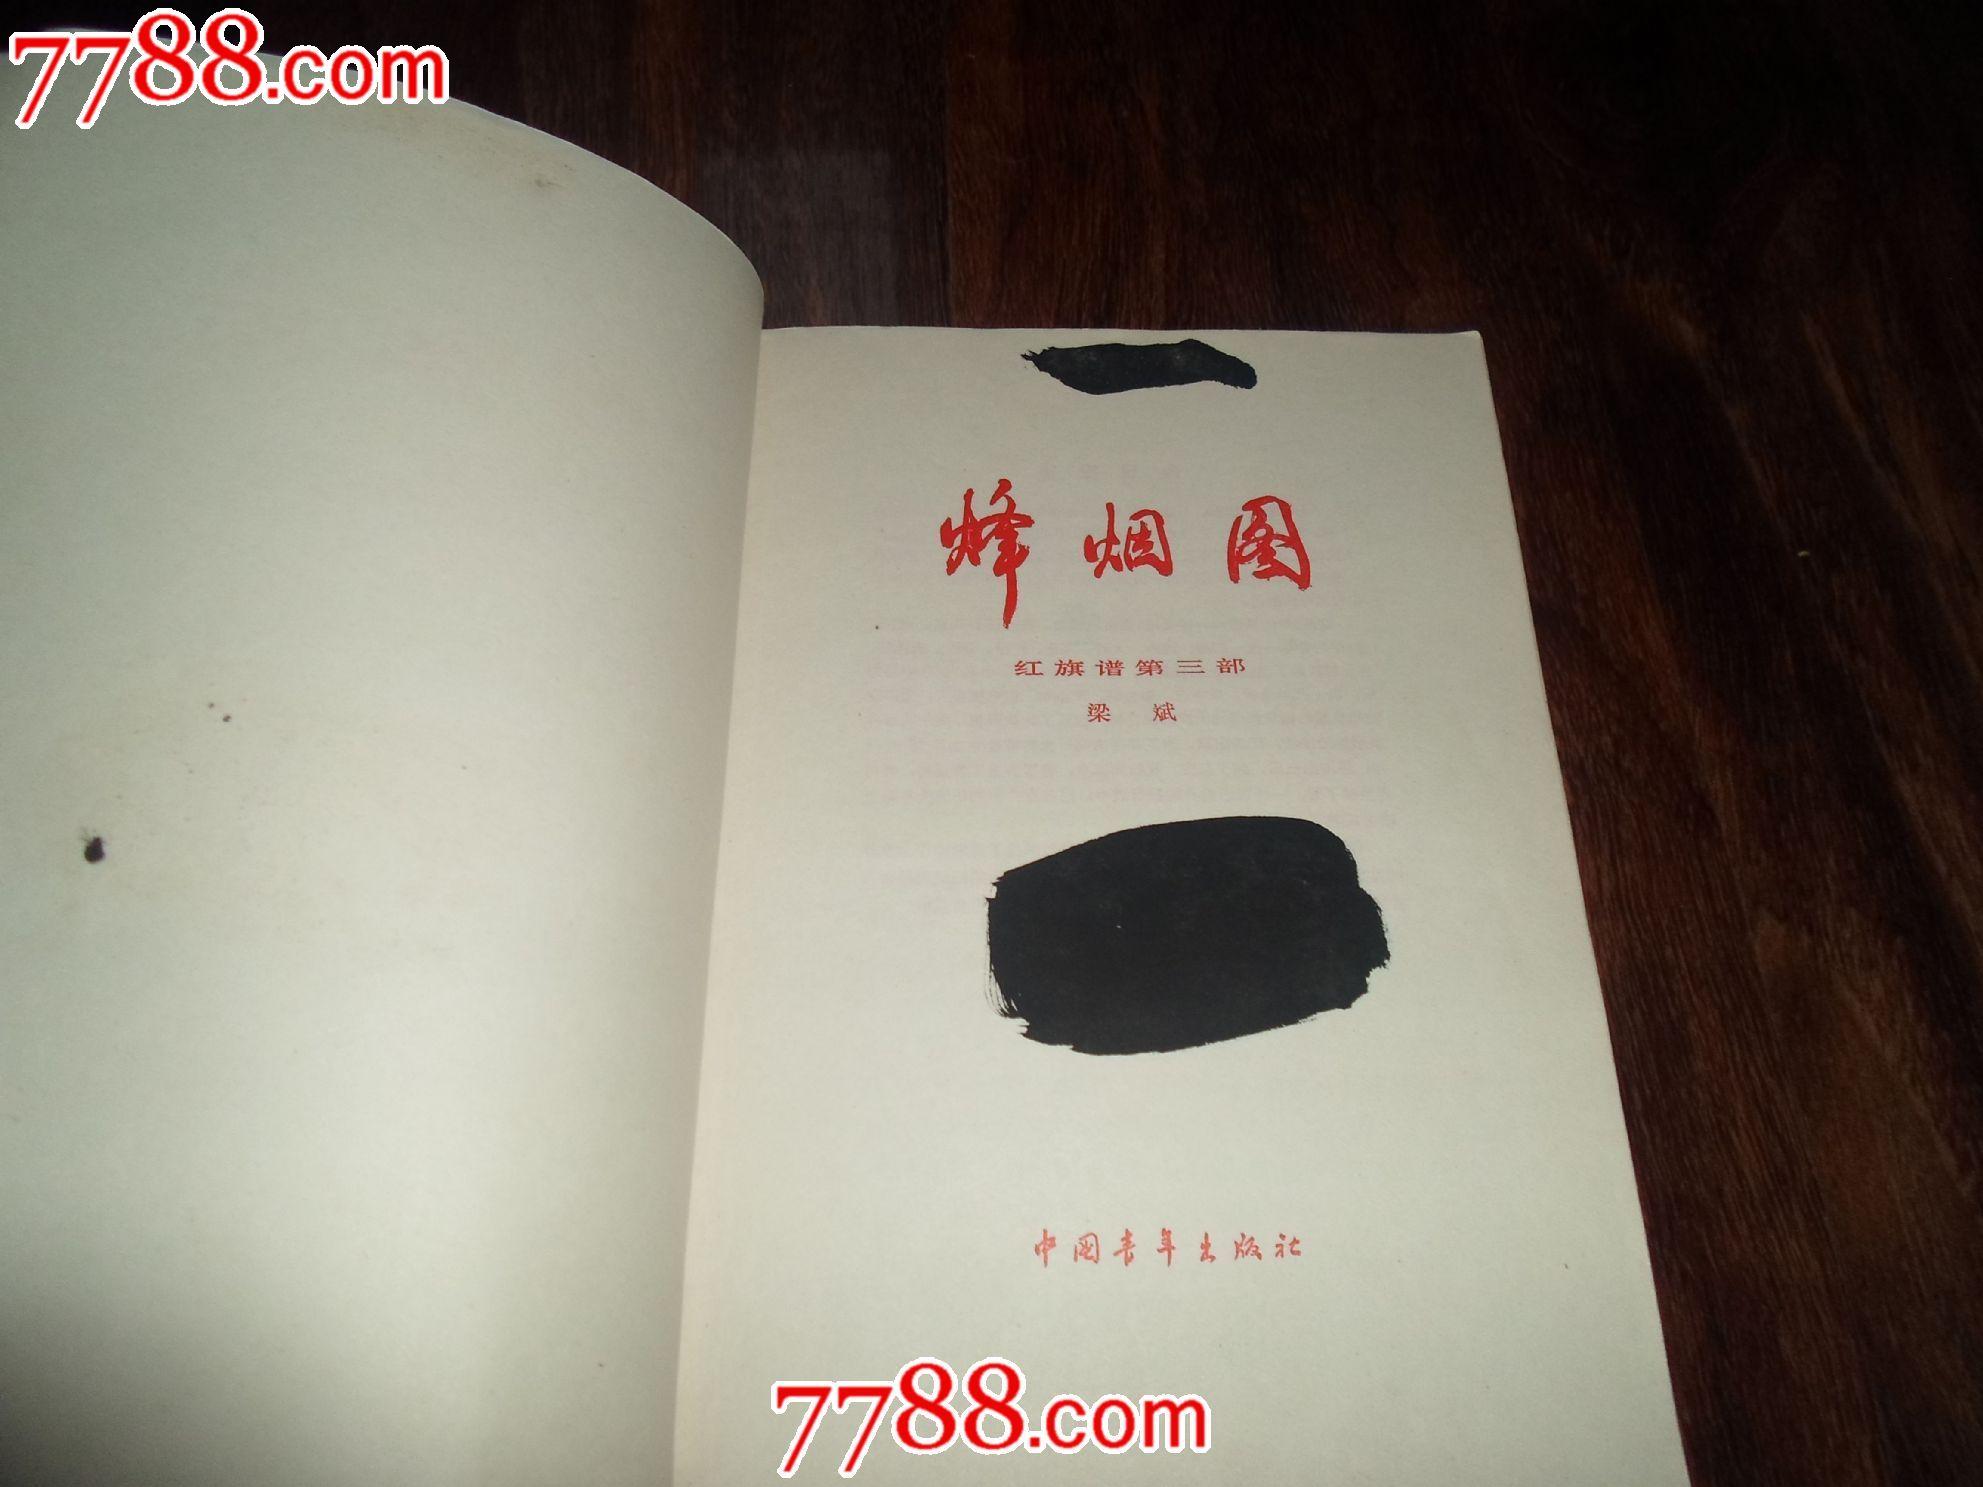 小说烽烟图_红色经典小说《烽烟图》《红旗谱》续集价格